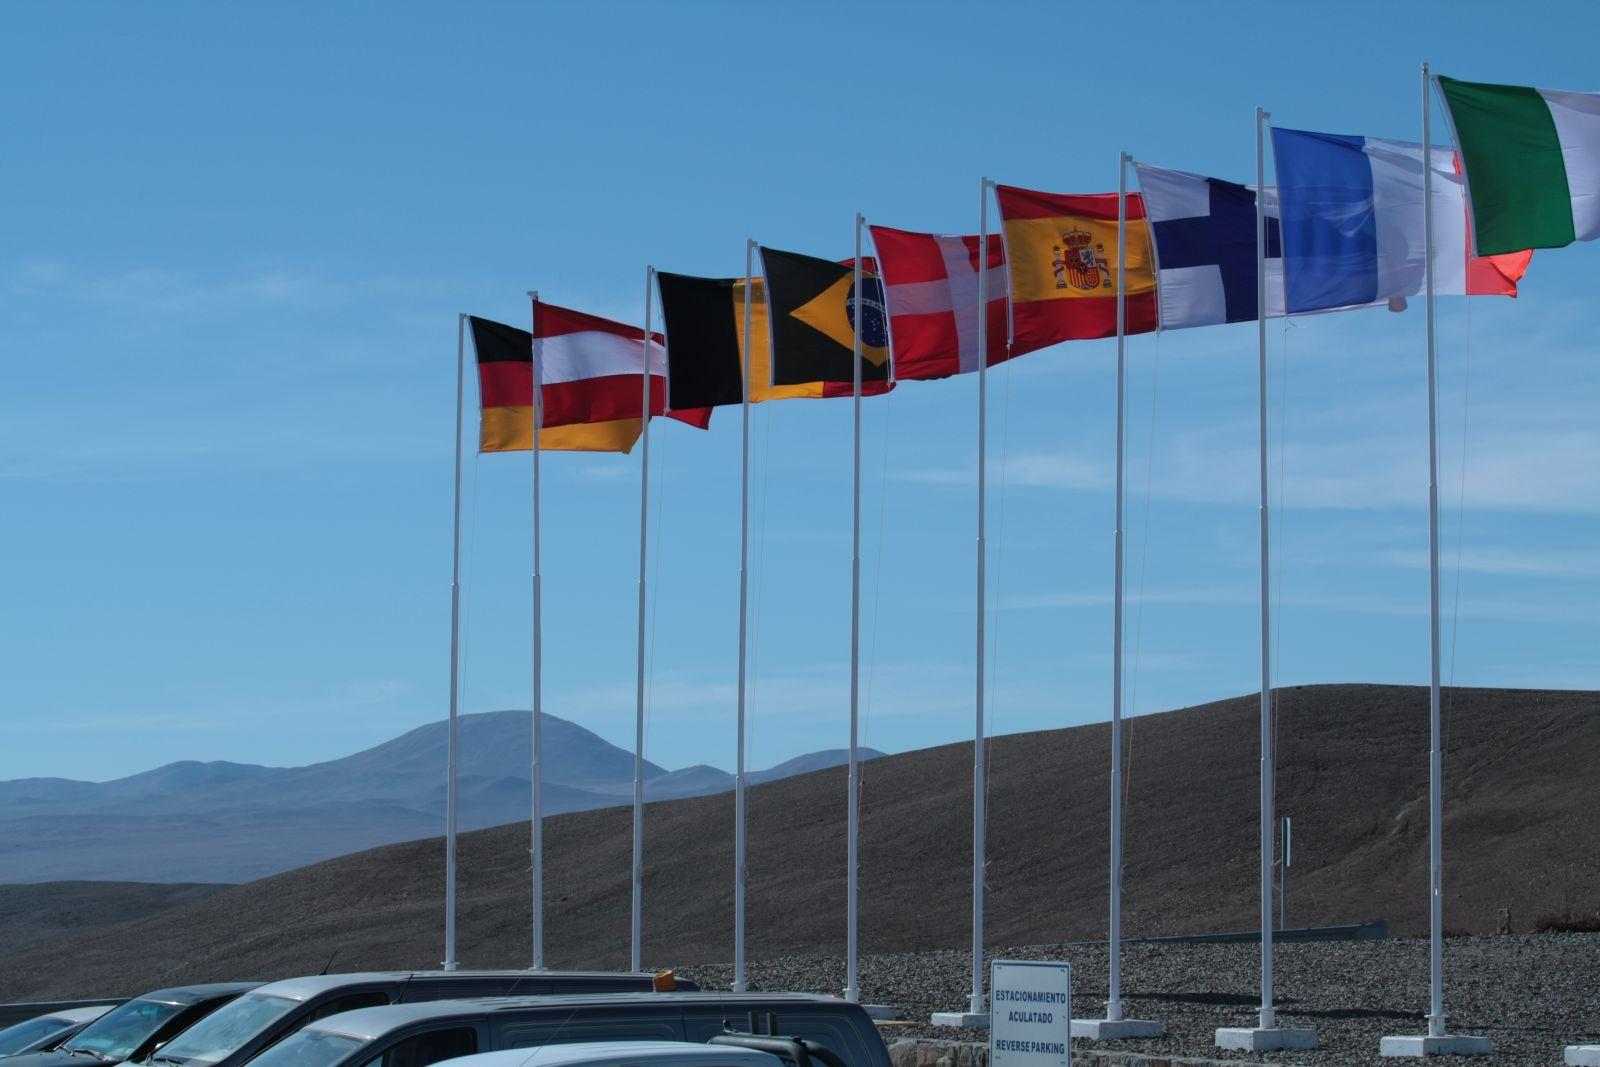 Festbeflaggung auf dem Paranal. Im Hintergrund der Armazones.